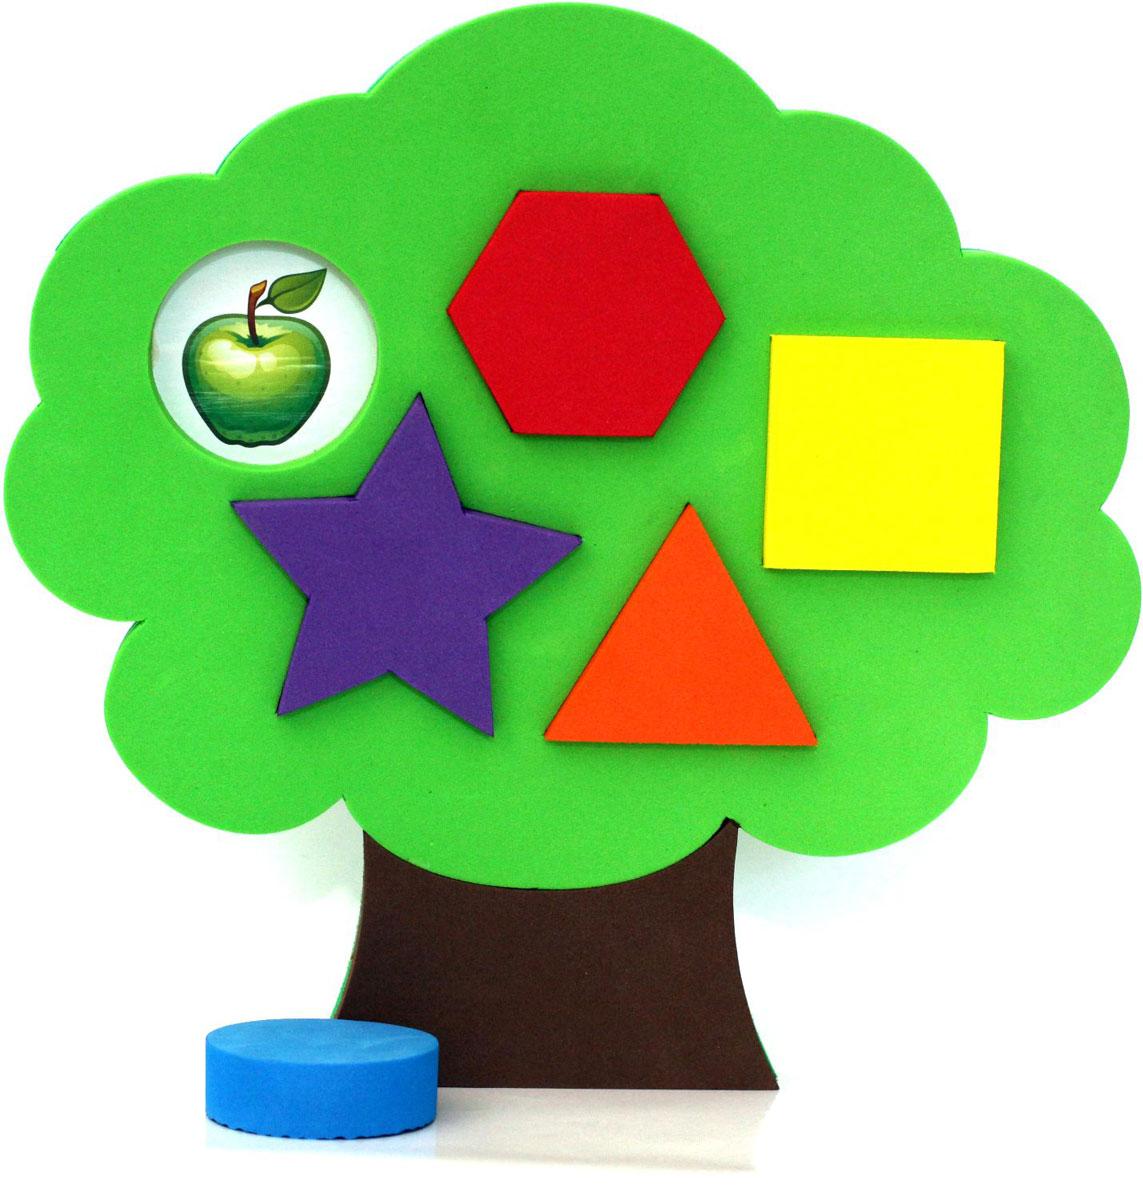 ElBasco Сортер Дерево04-003Благодаря головоломке-сортеру ElBasco Дерево ребенок познакомится с различными формами и цветами. Задача малыша – подобрать для определенной геометрической фигуры соответствующее ей отверстие. Классификация, или сортировка – это важный навык, которому должен научиться ребенок. Играя, малыш развивает моторику, логику и мышление, тактильное и цветовое восприятие, воображение.